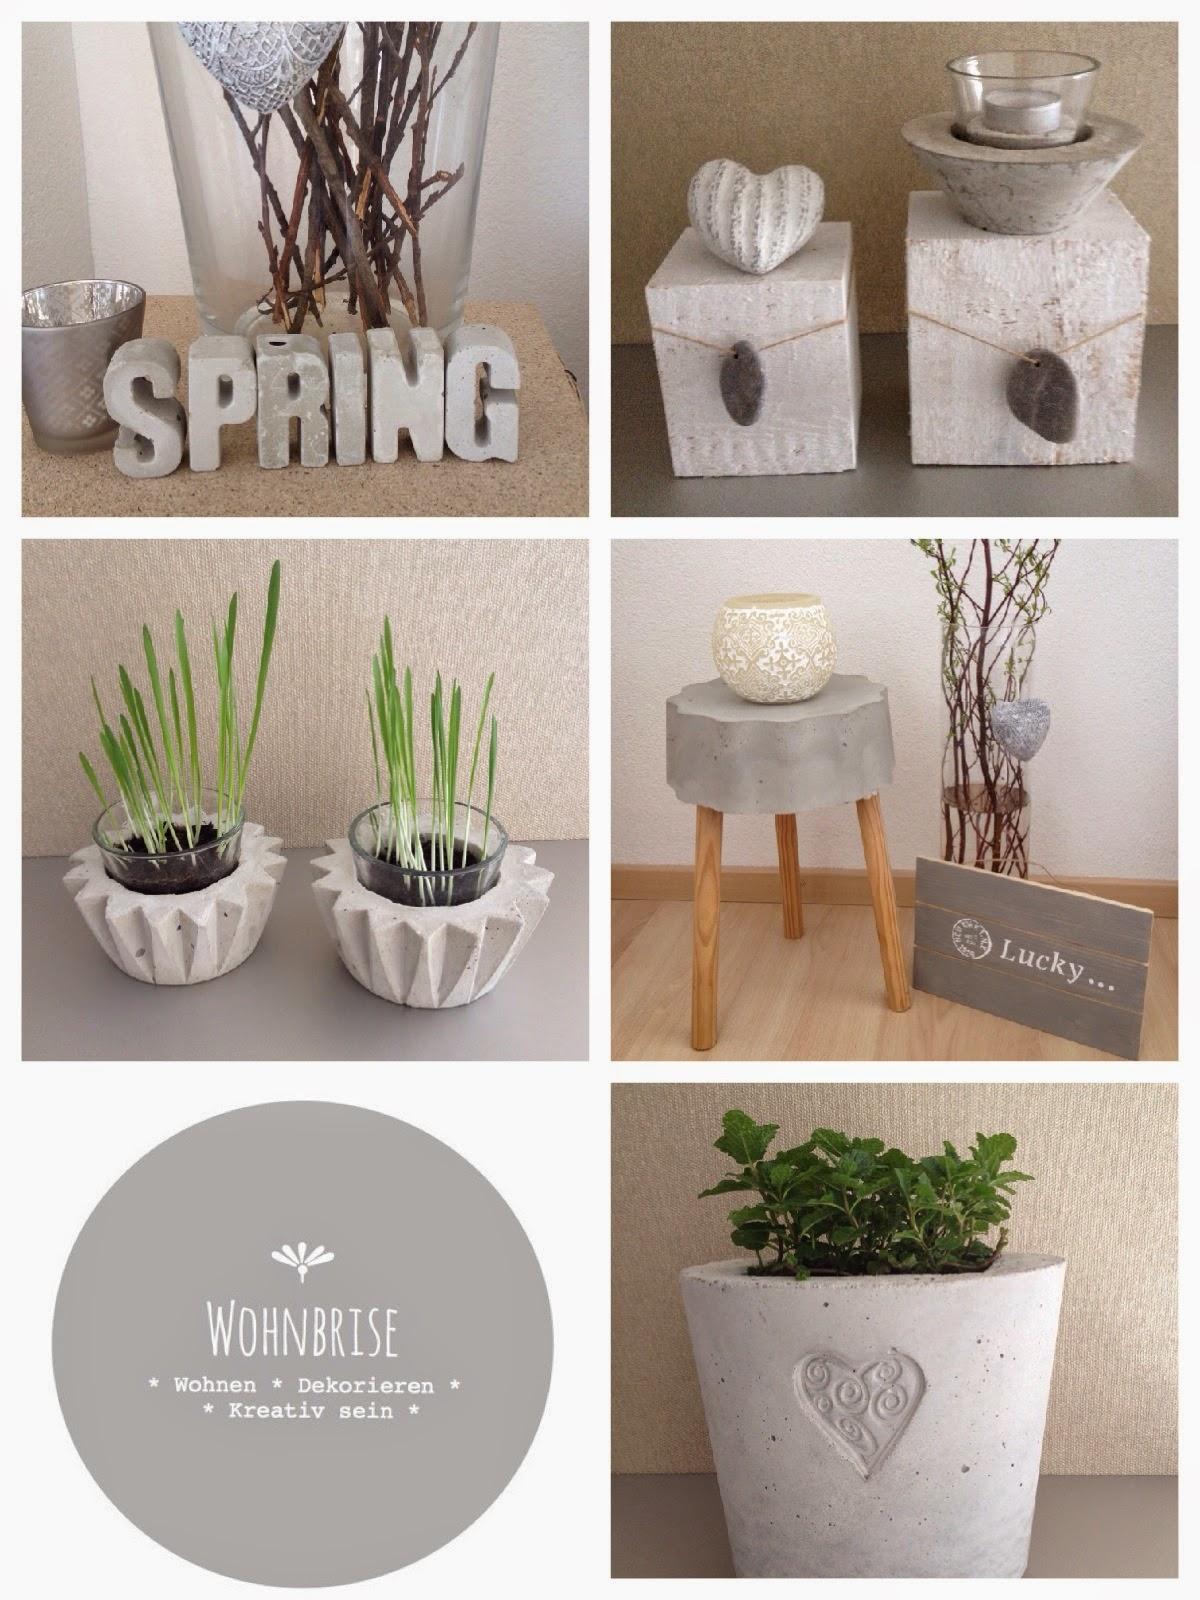 wohnbrise fr hling. Black Bedroom Furniture Sets. Home Design Ideas